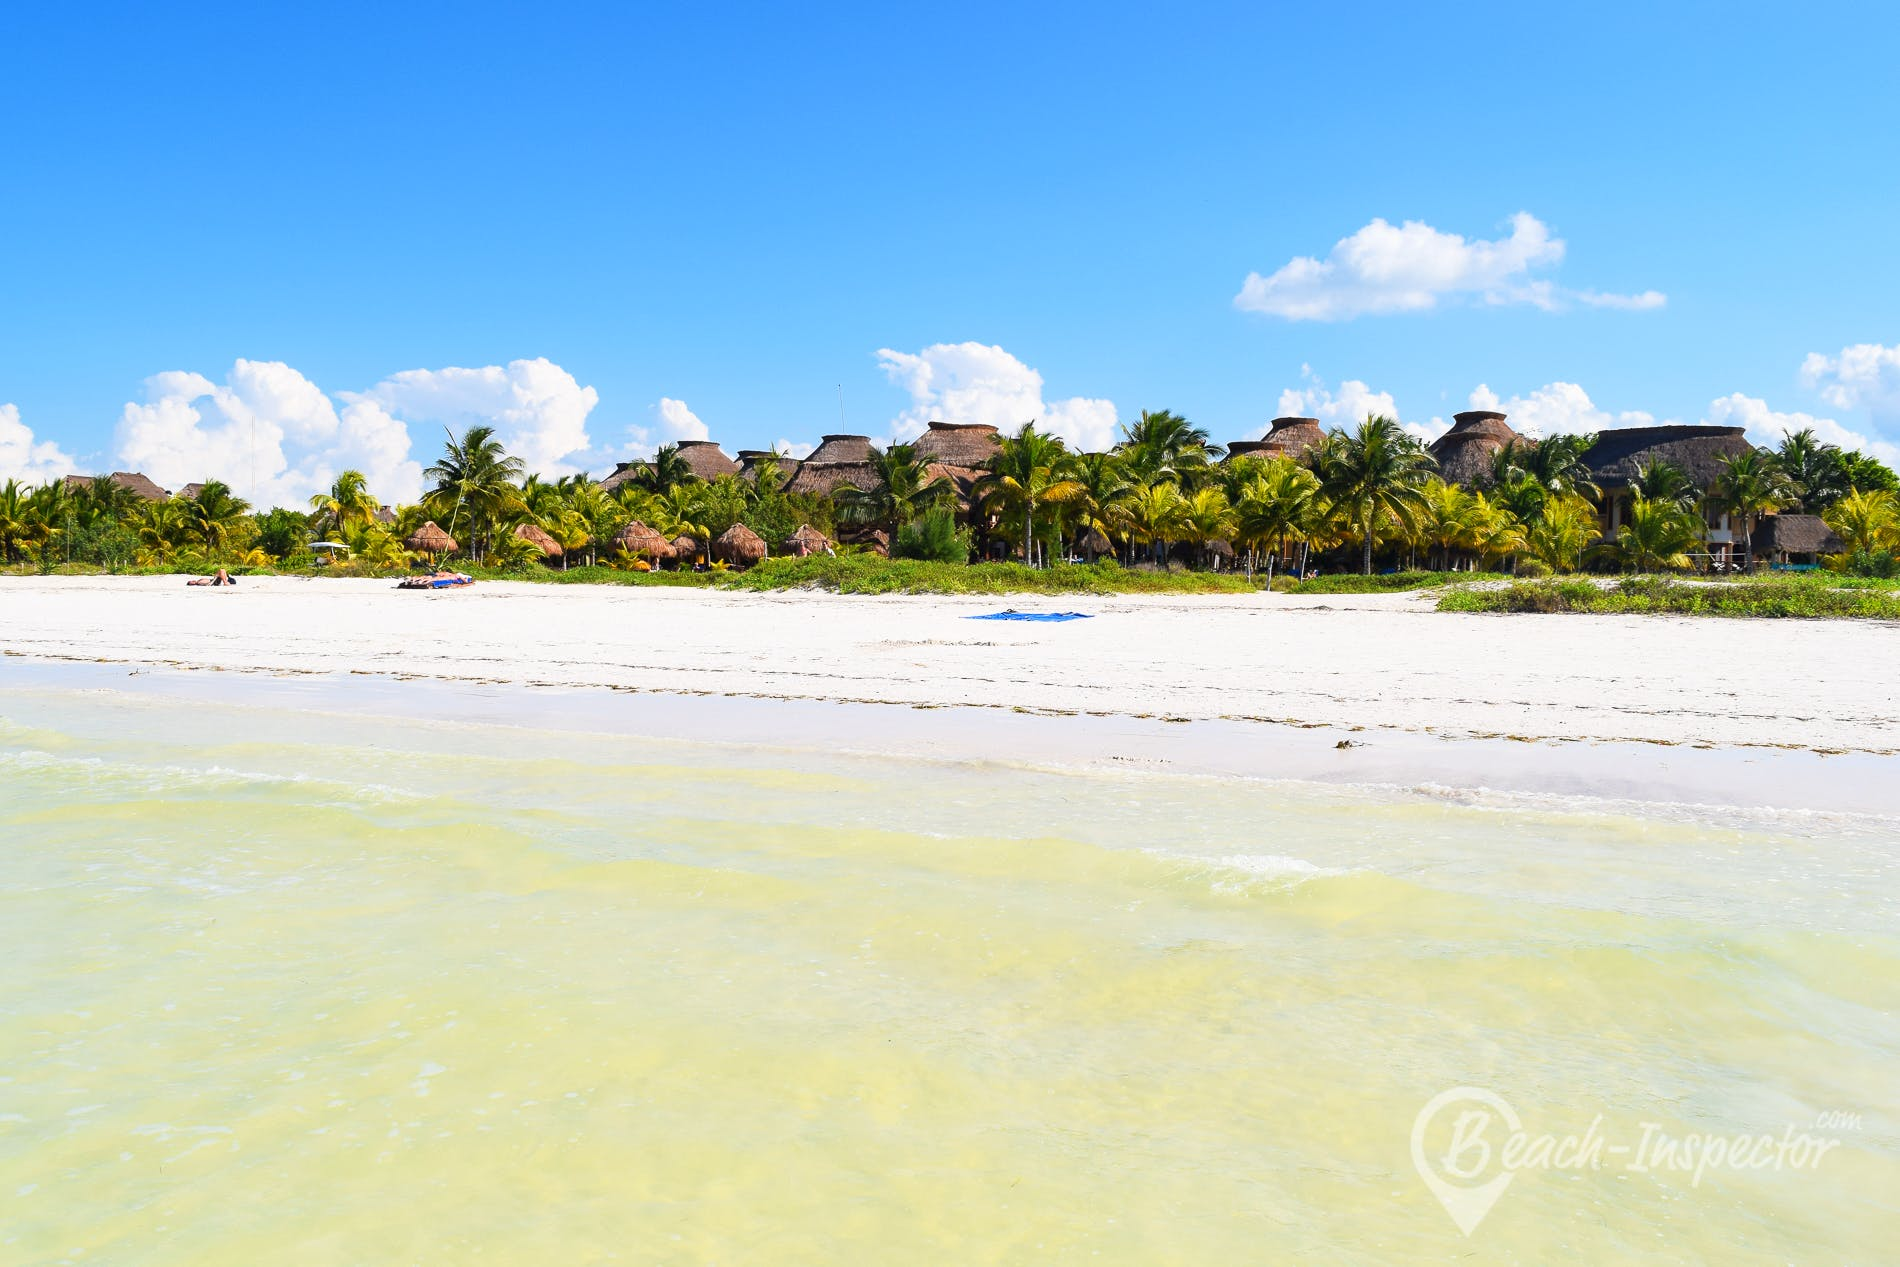 Beach Playa Holbox Este, Mexico, Mexico